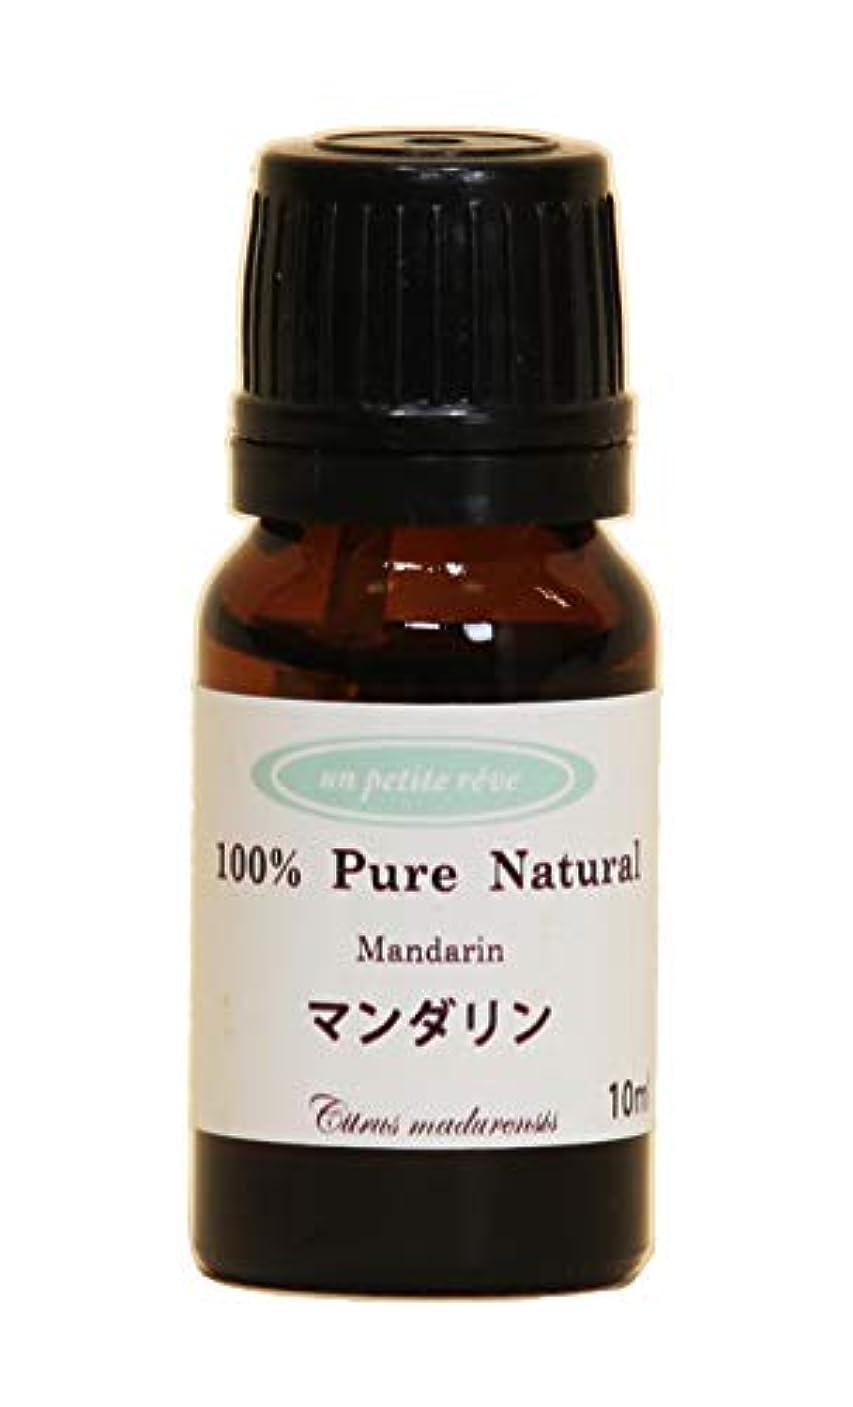 マンダリン 10ml 100%天然アロマエッセンシャルオイル(精油)